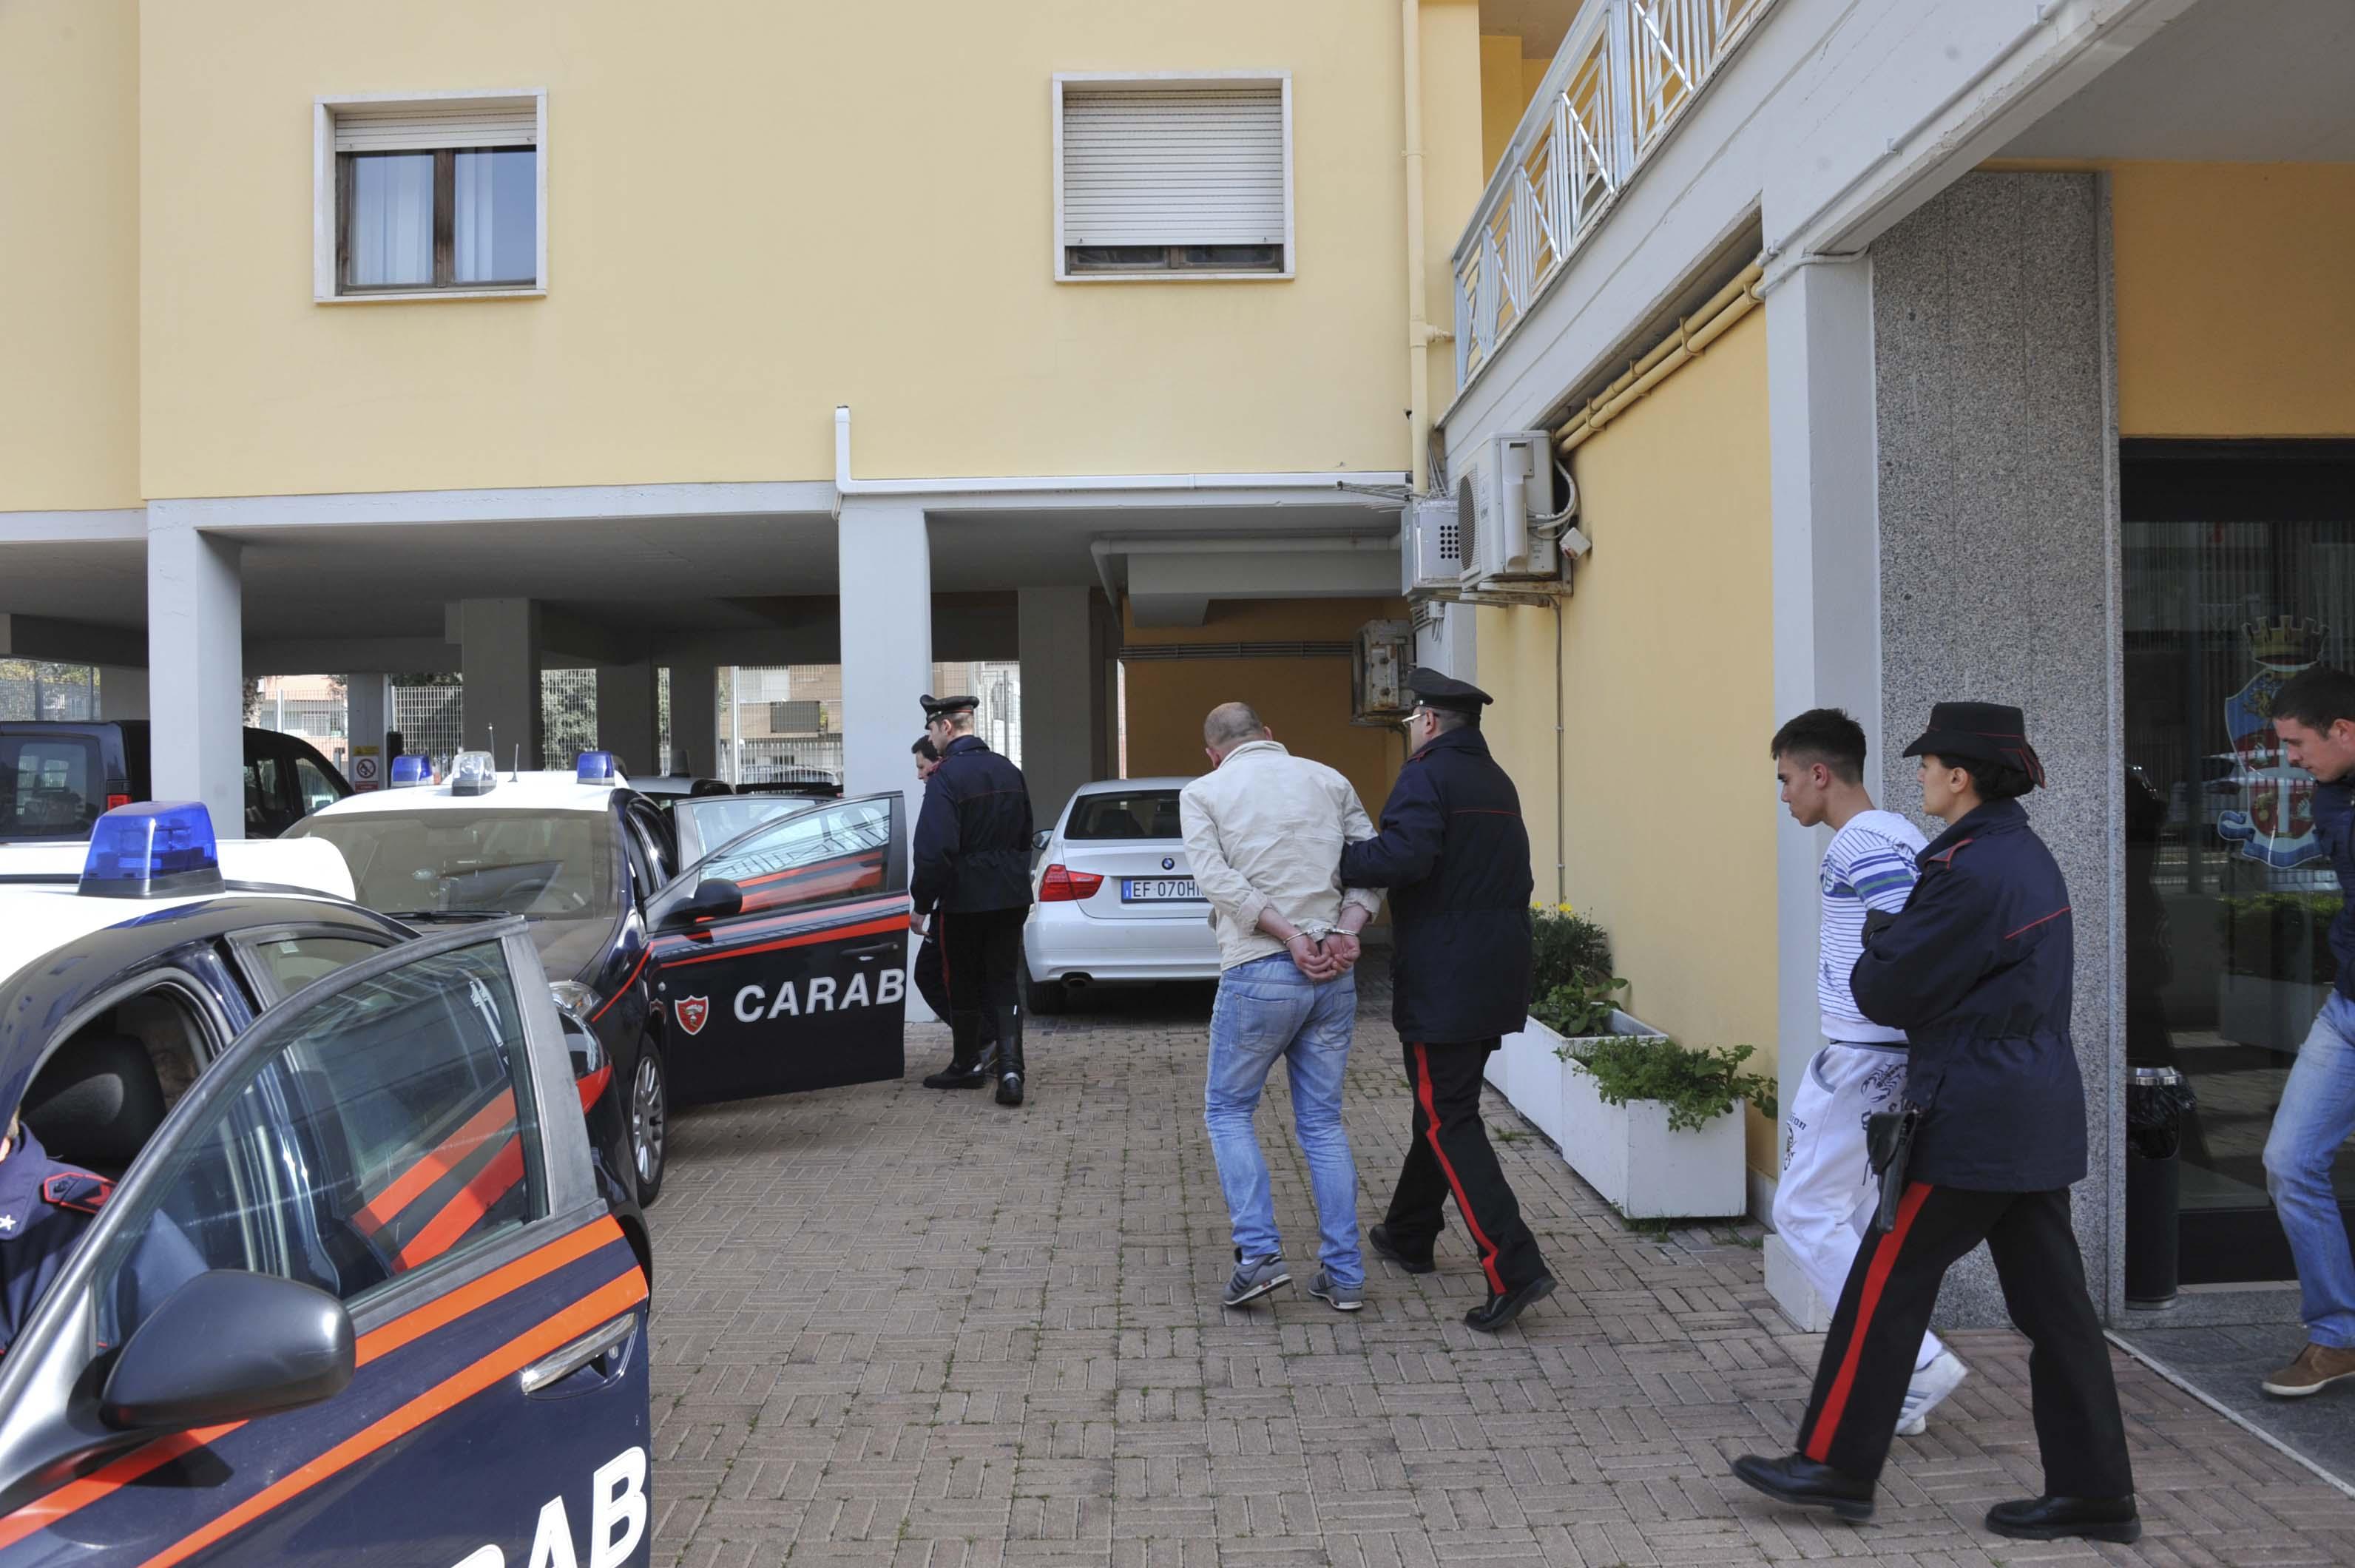 carabinieri arres